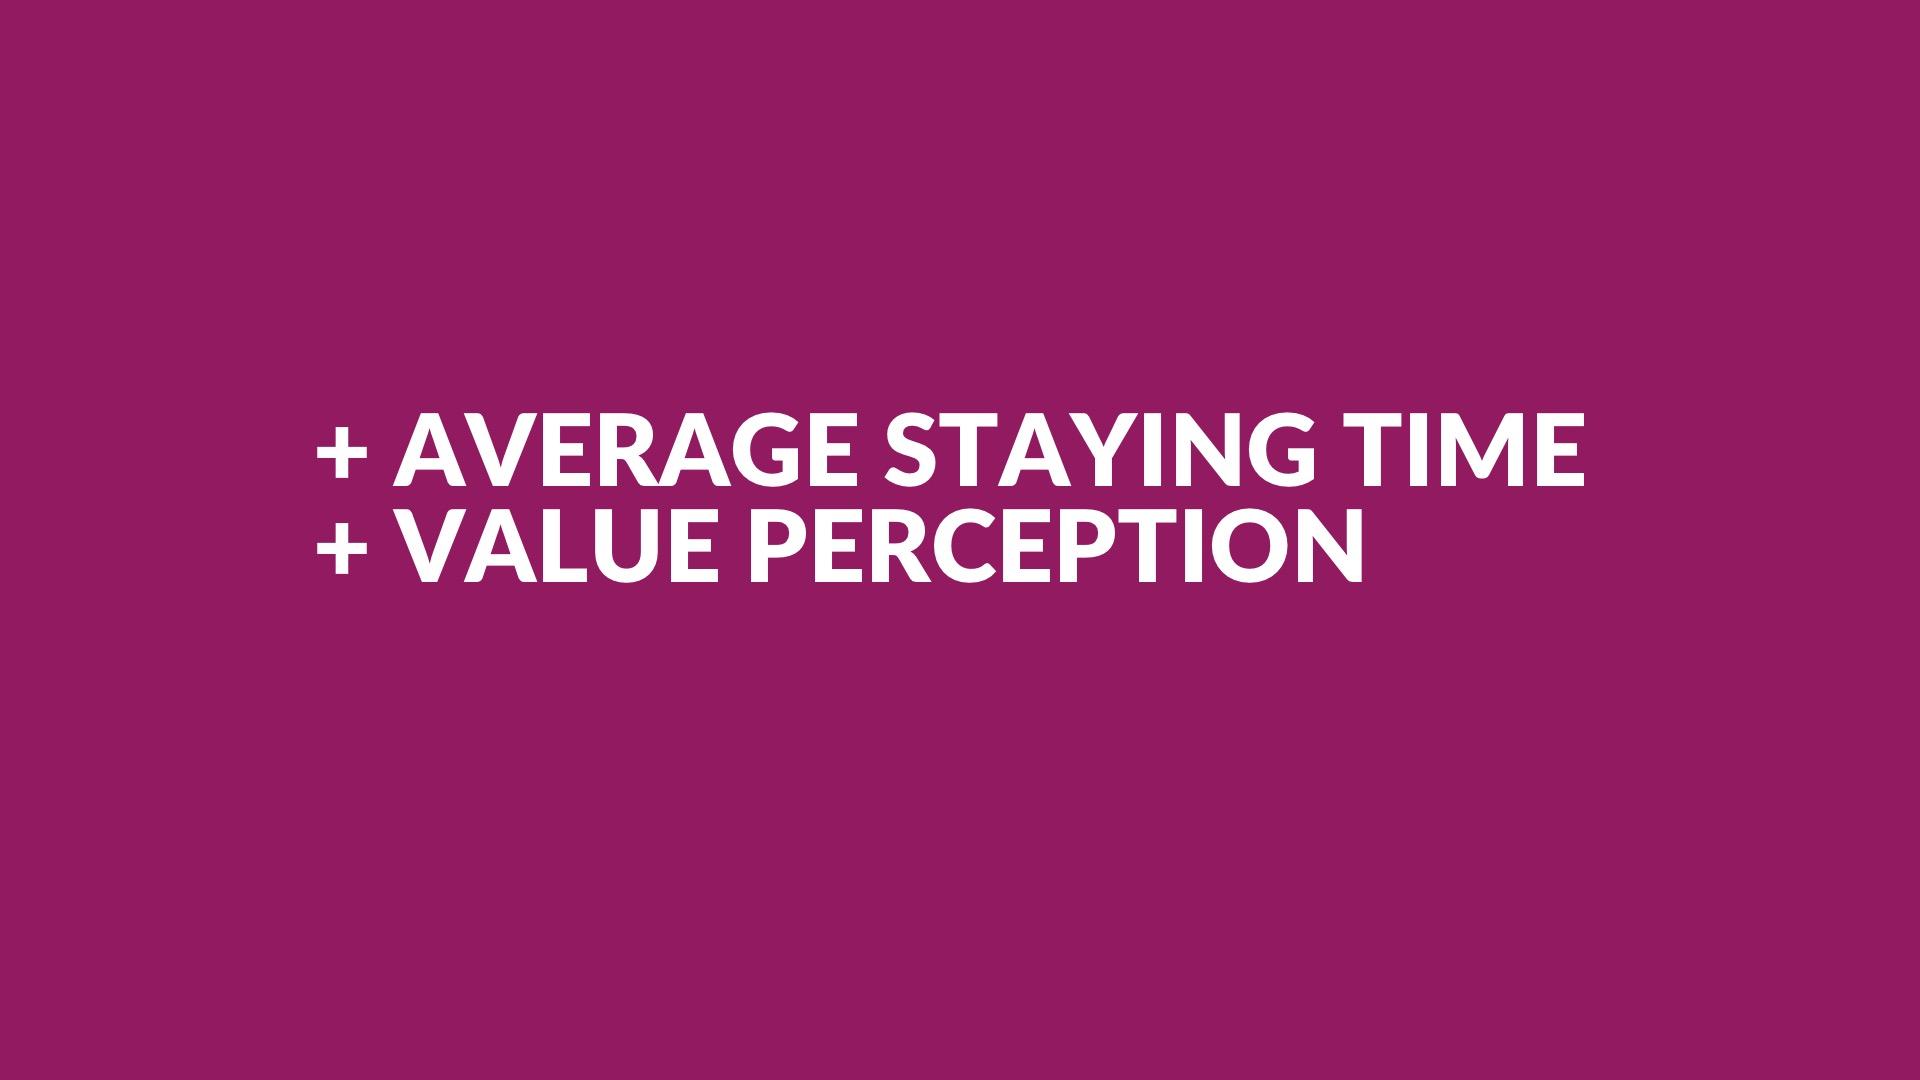 Benefits - Die empfundene Wertigkeit steigt, durch klanglich zugeschnittene Atmosphären. Bei nachhaltigem Einsatz steigt die durchschnittliche Kundenhaltedauer in den entsprechenden Arealen.